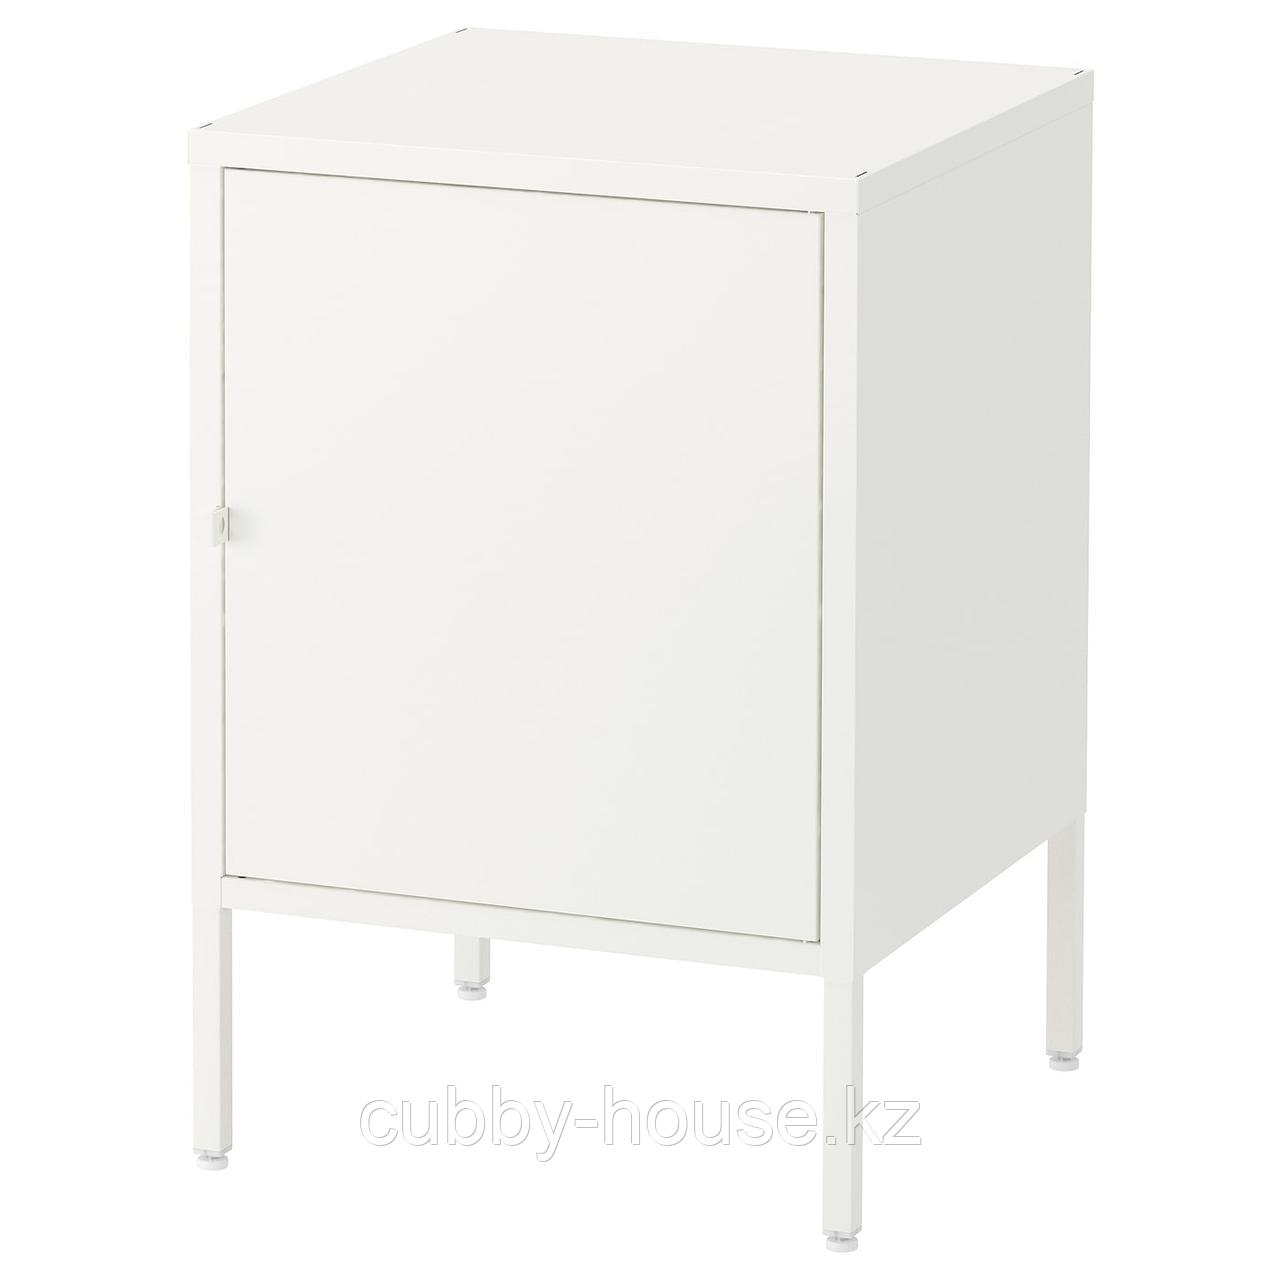 ХЭЛЛАН Комбинация для хранения с дверцами, белый, 45x47x67 см